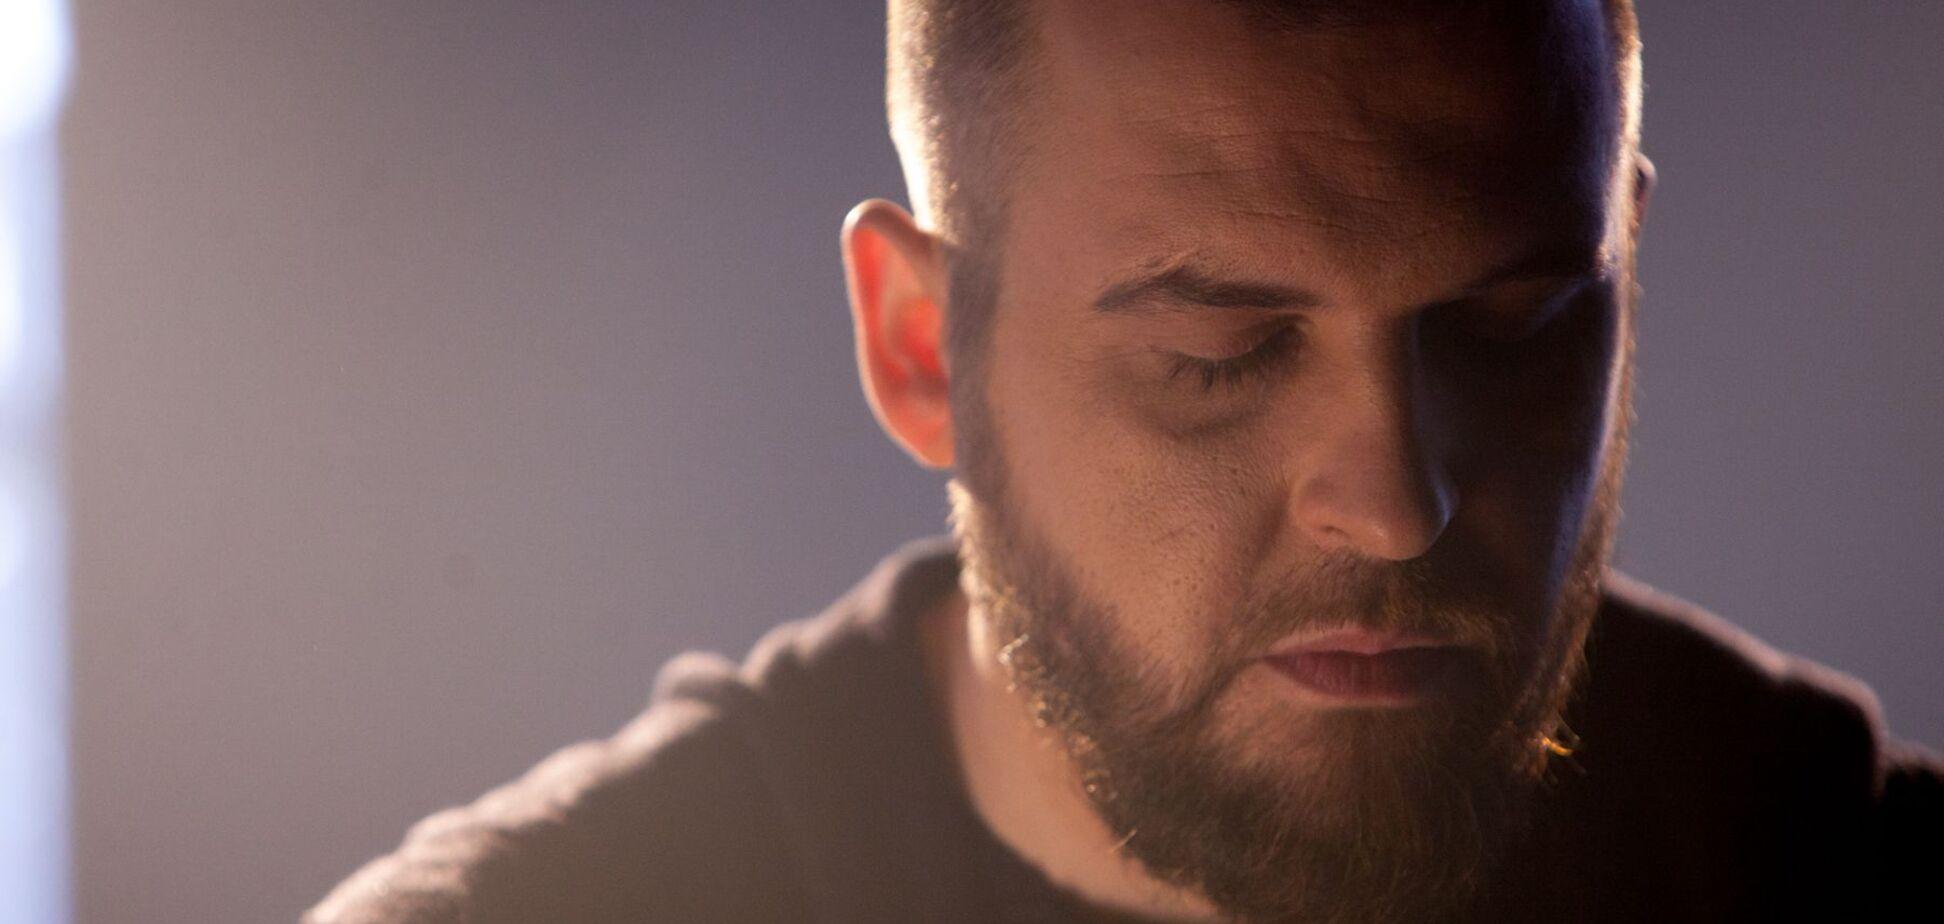 'БЕЗ ОБМЕЖЕНЬ' сняли чувственный клип на сингл 'Хочеш'